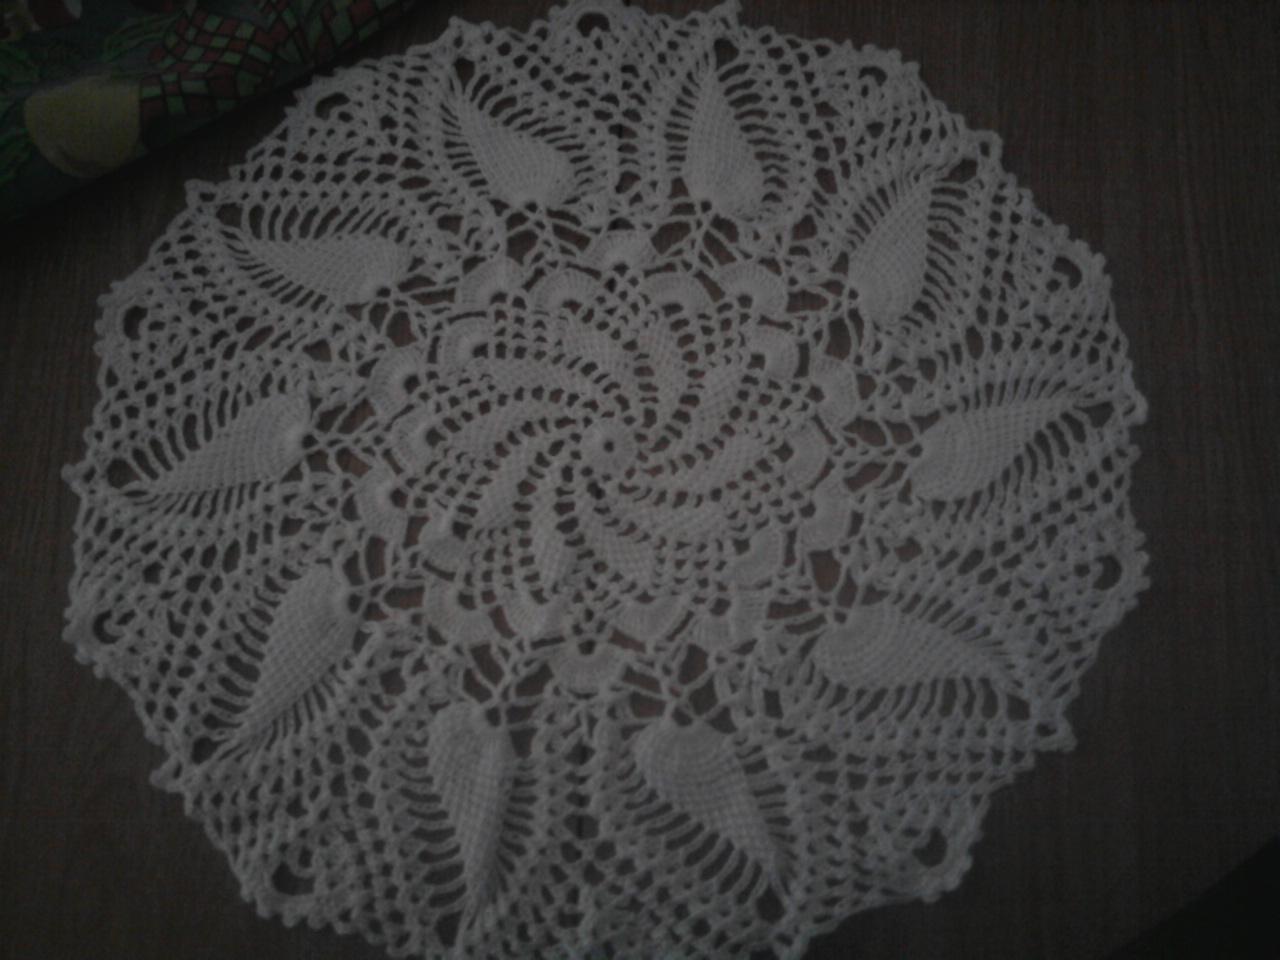 Creaciones en crochet lindos dise os para adornar el for Disenos para el hogar